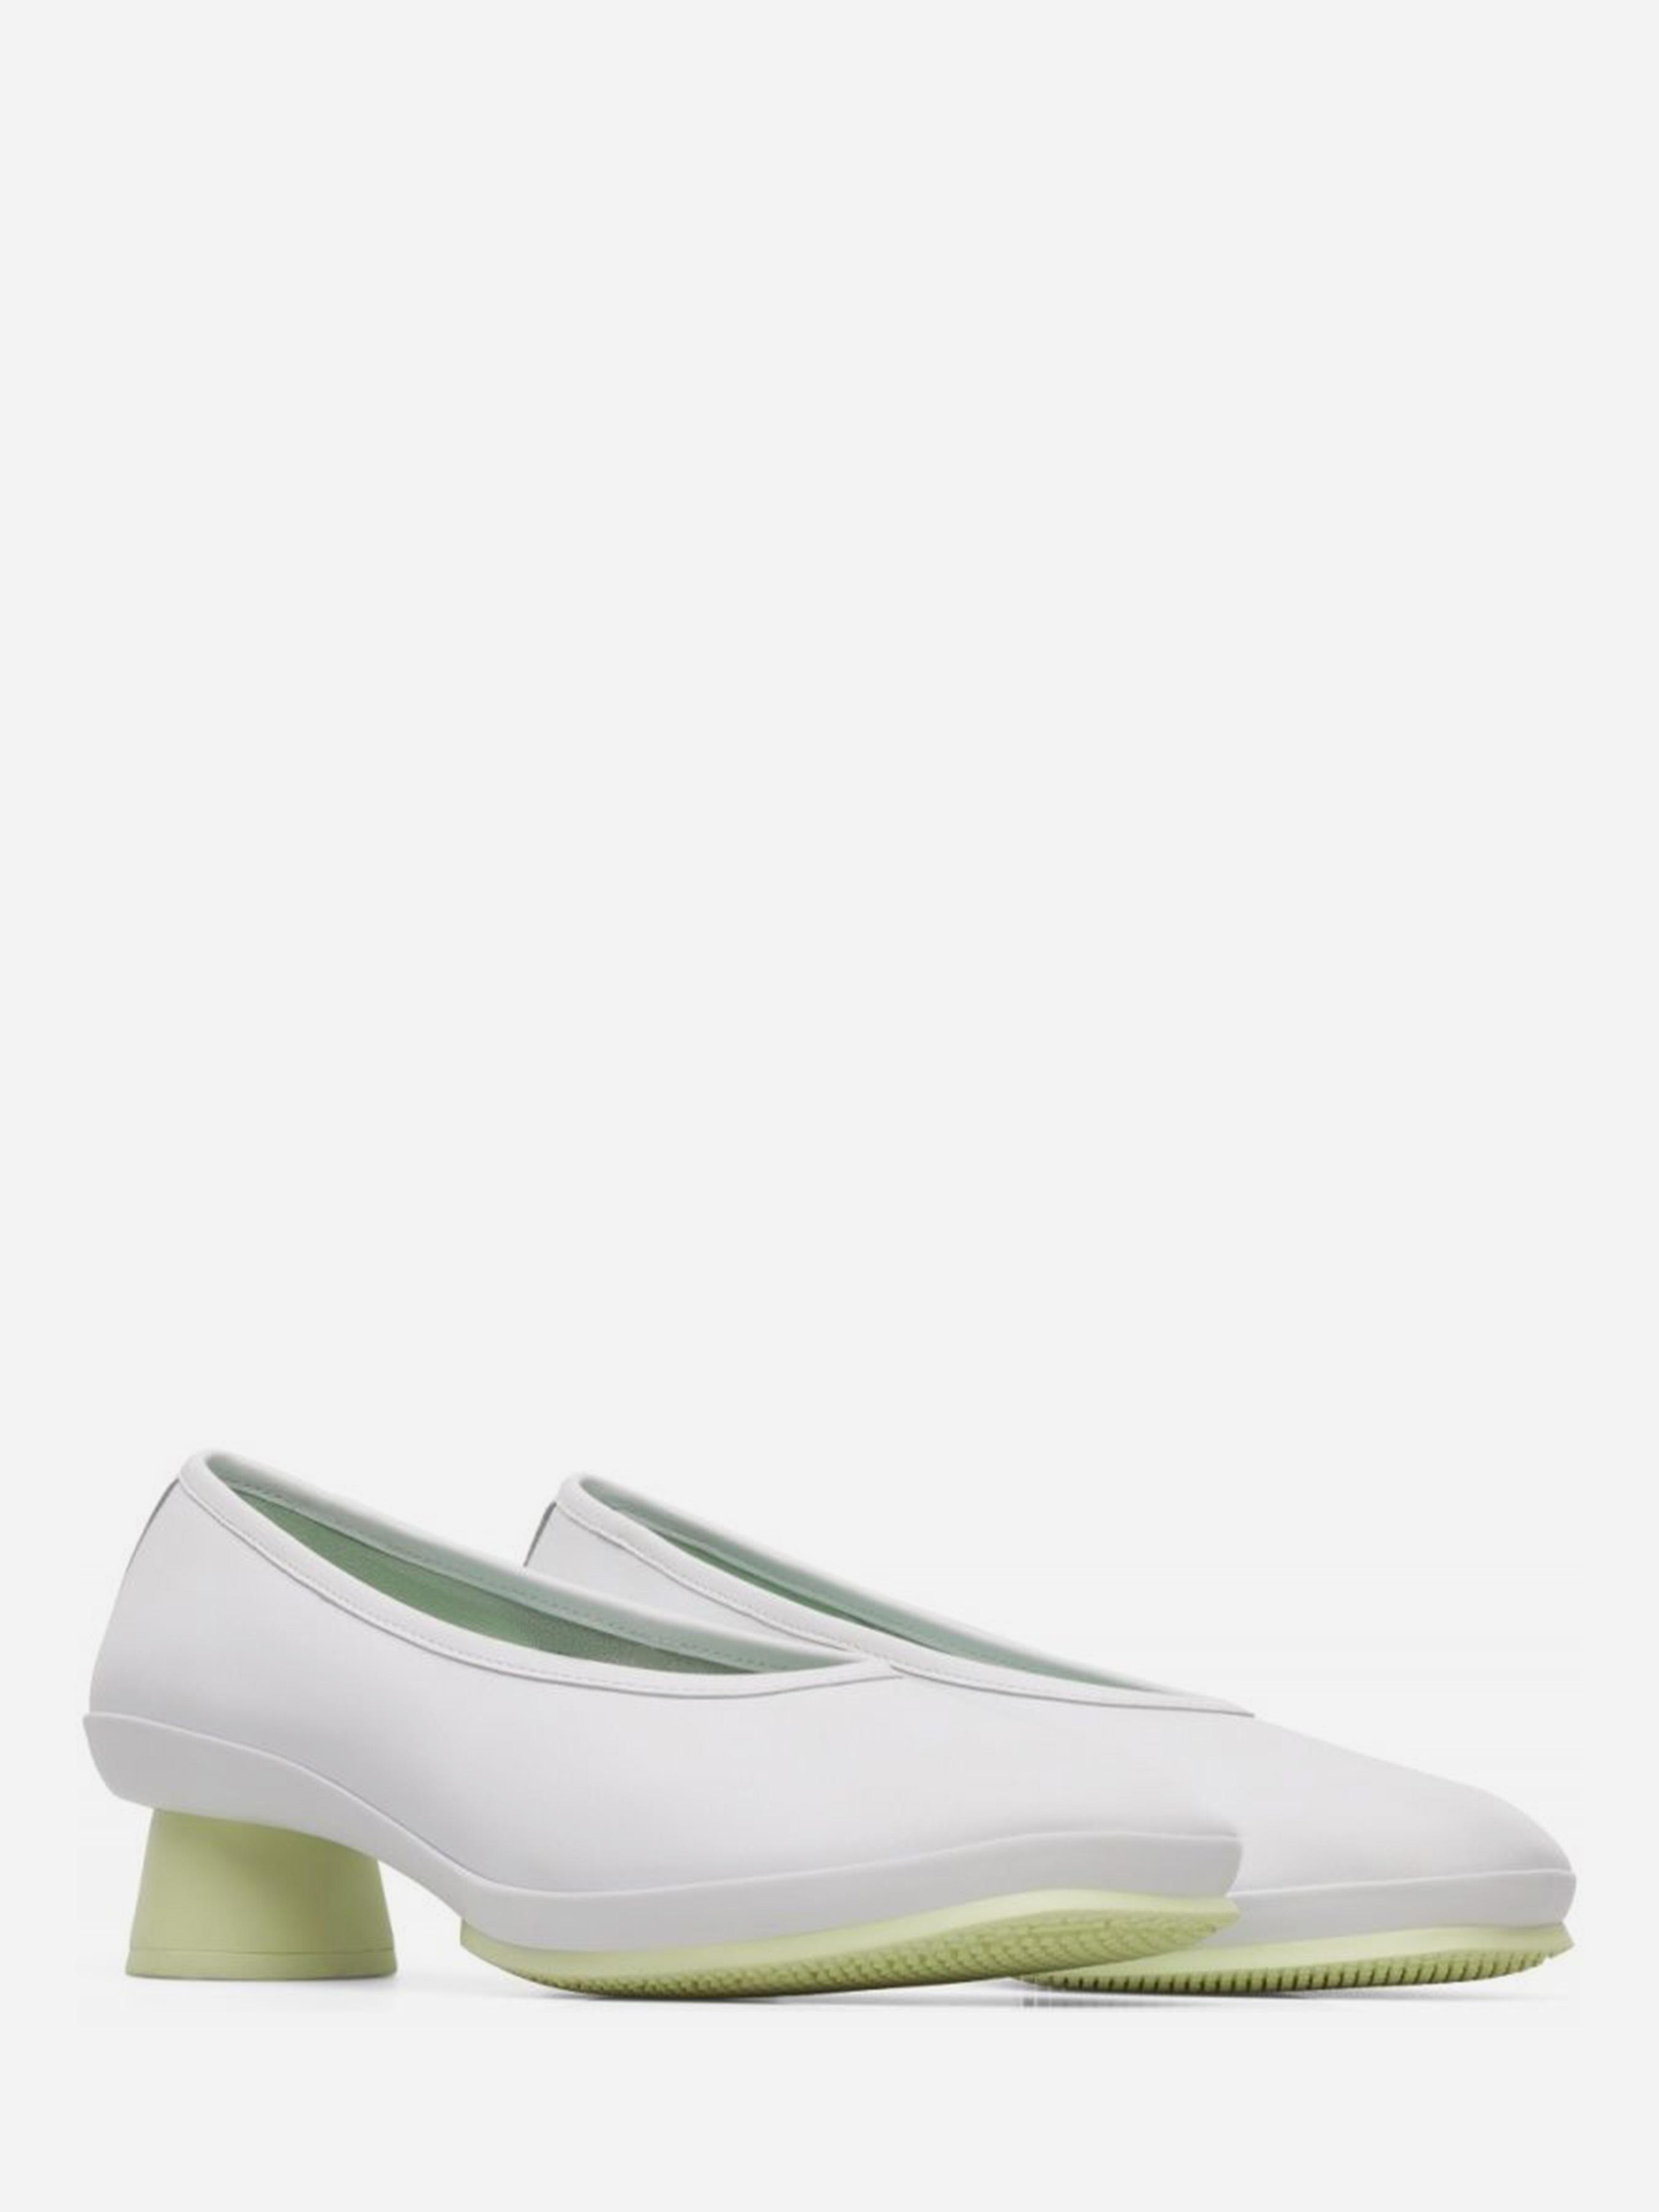 Туфли для женщин Camper Alright AW999 , 2017